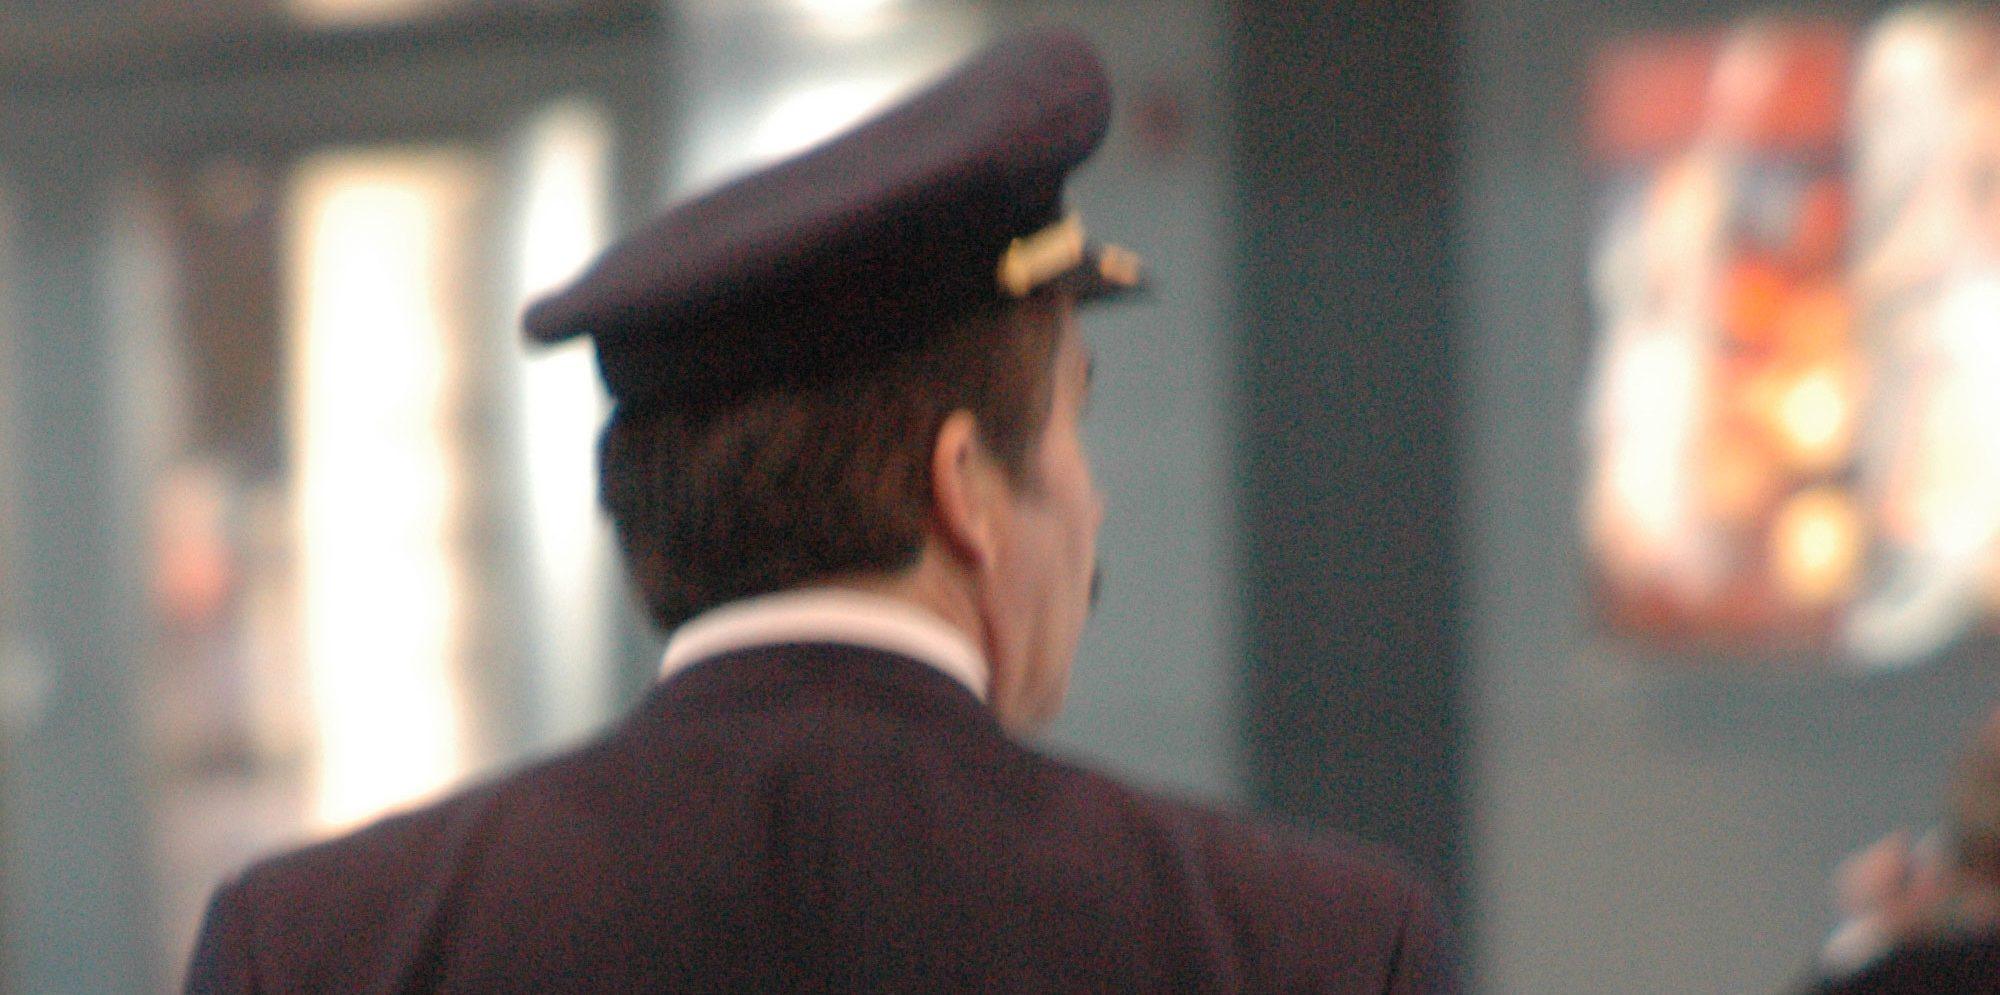 269b81daf4 Muchas veces hemos observado a un sinnúmero de pilotos comerciales en  diversos aeropuertos